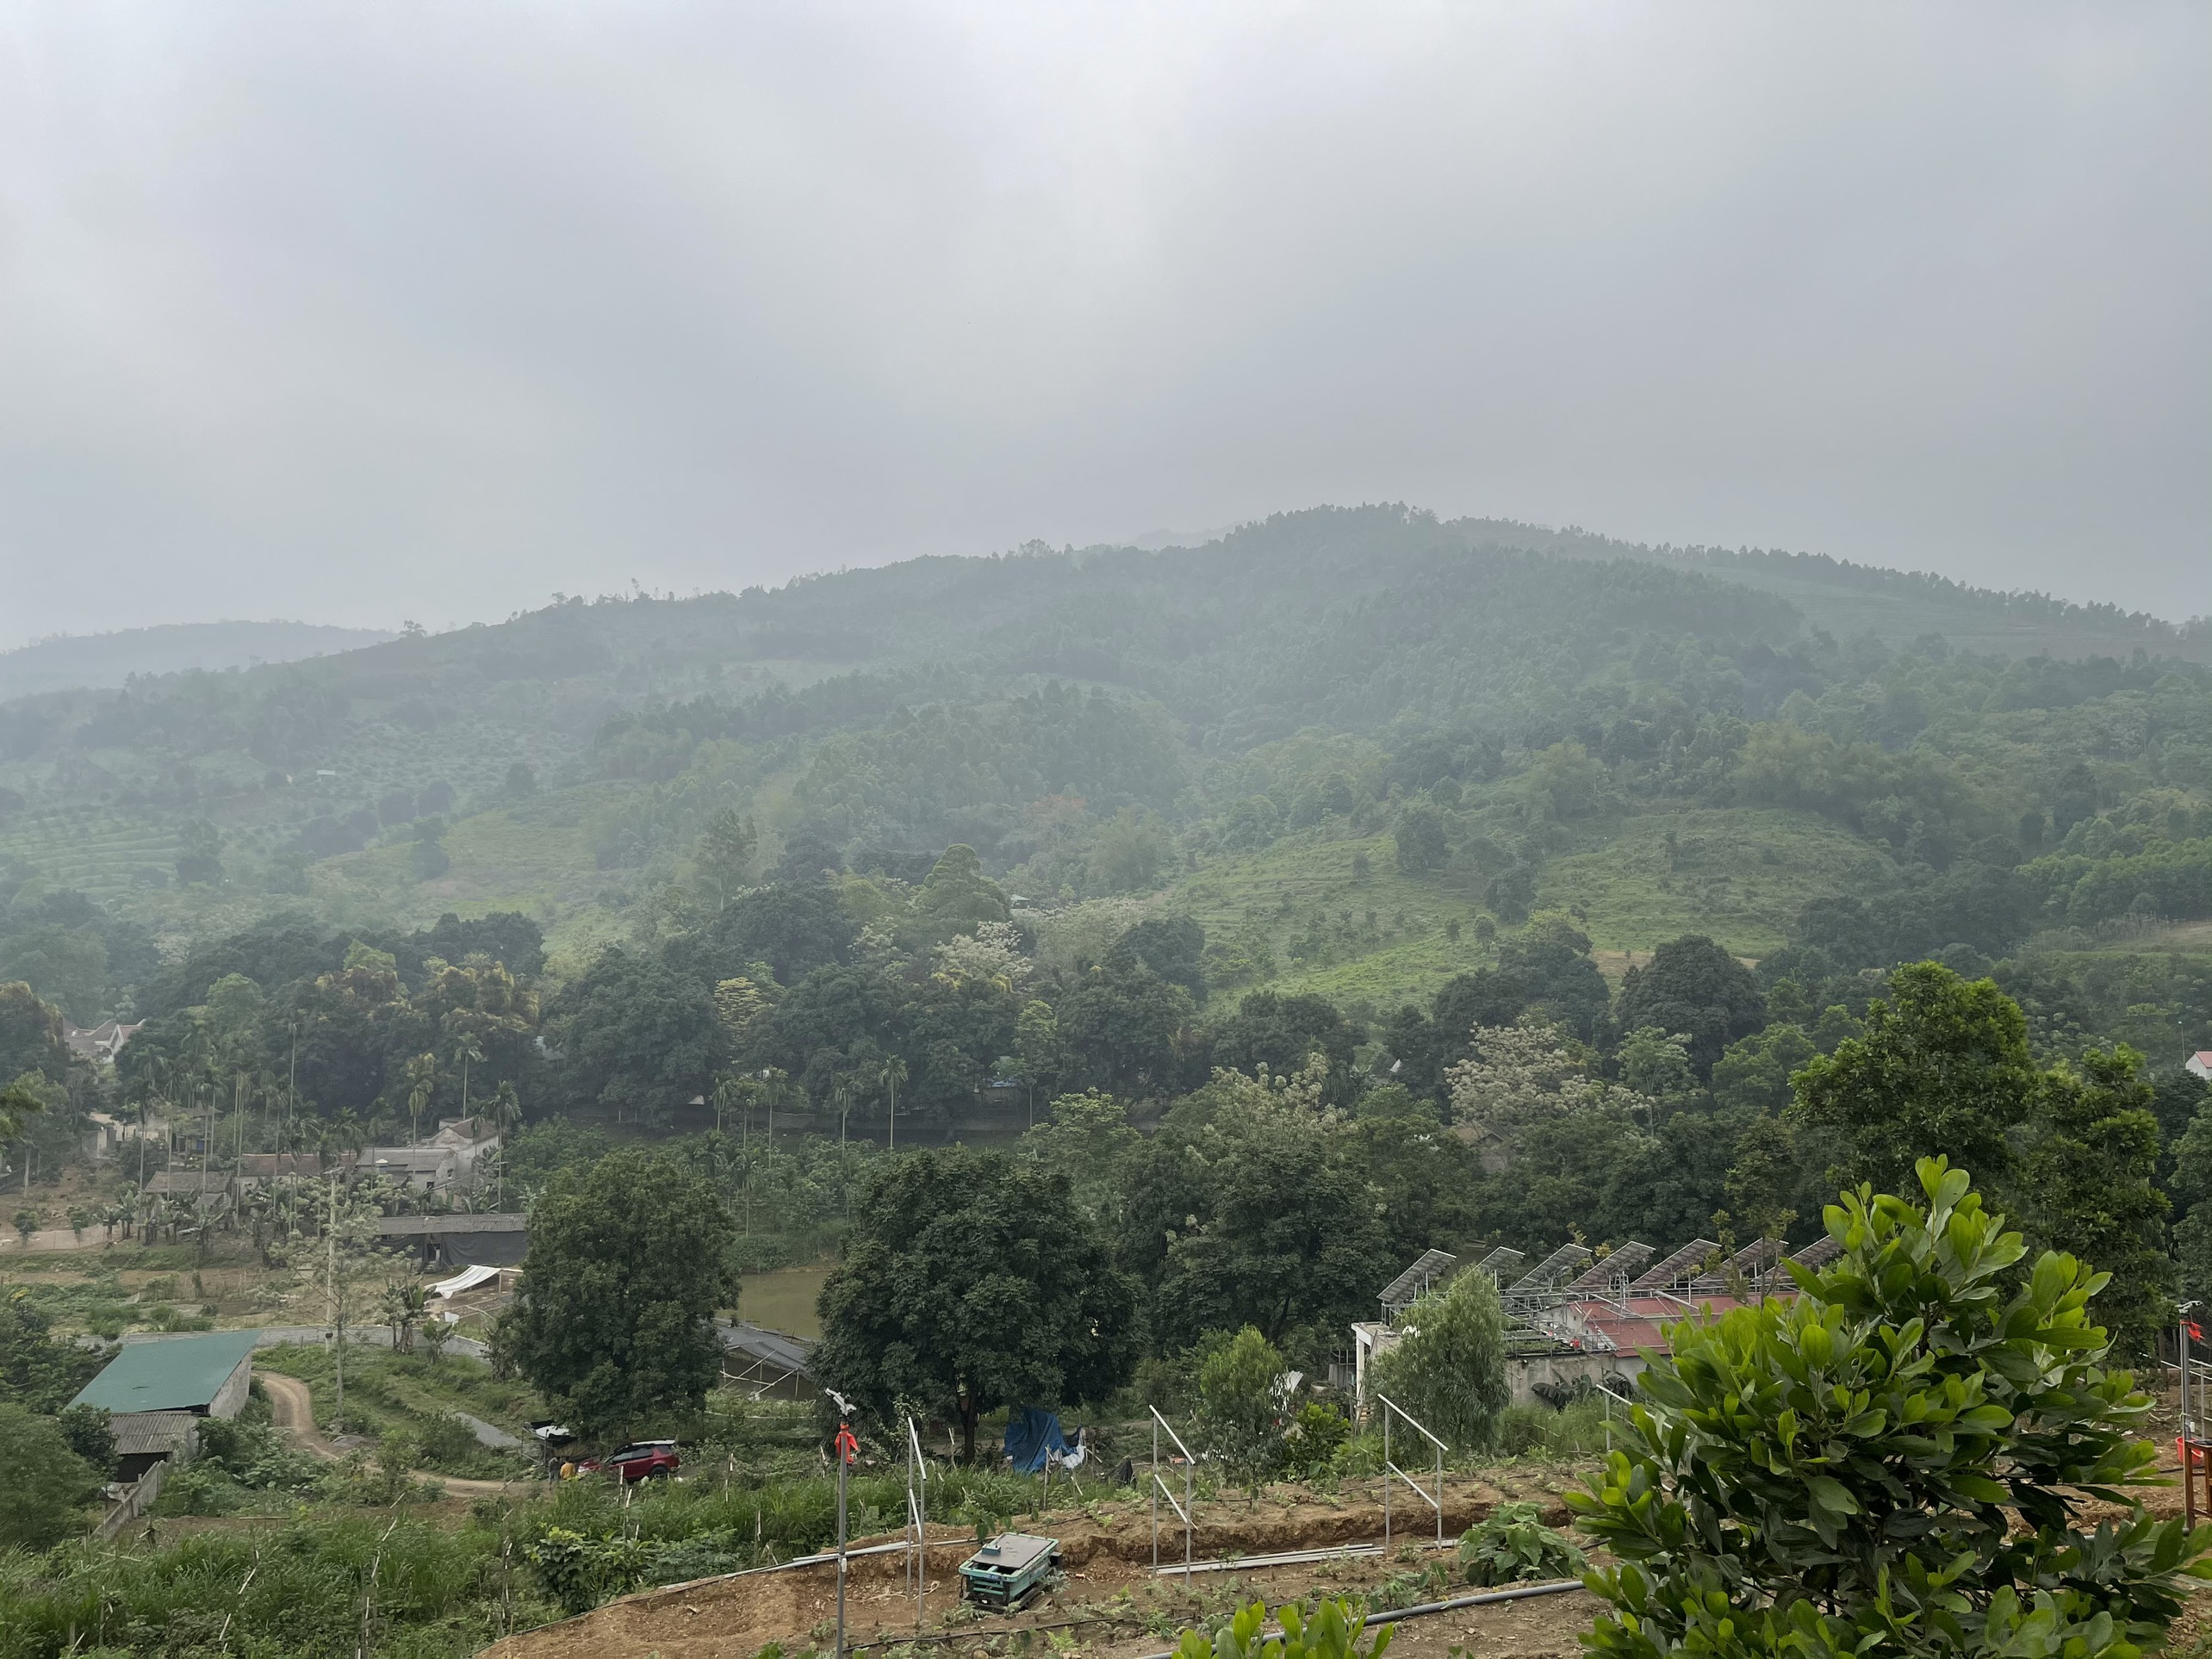 bán gấp 36ha đất thổ cư và rừng sản xuất view đẹp gần sân gofl